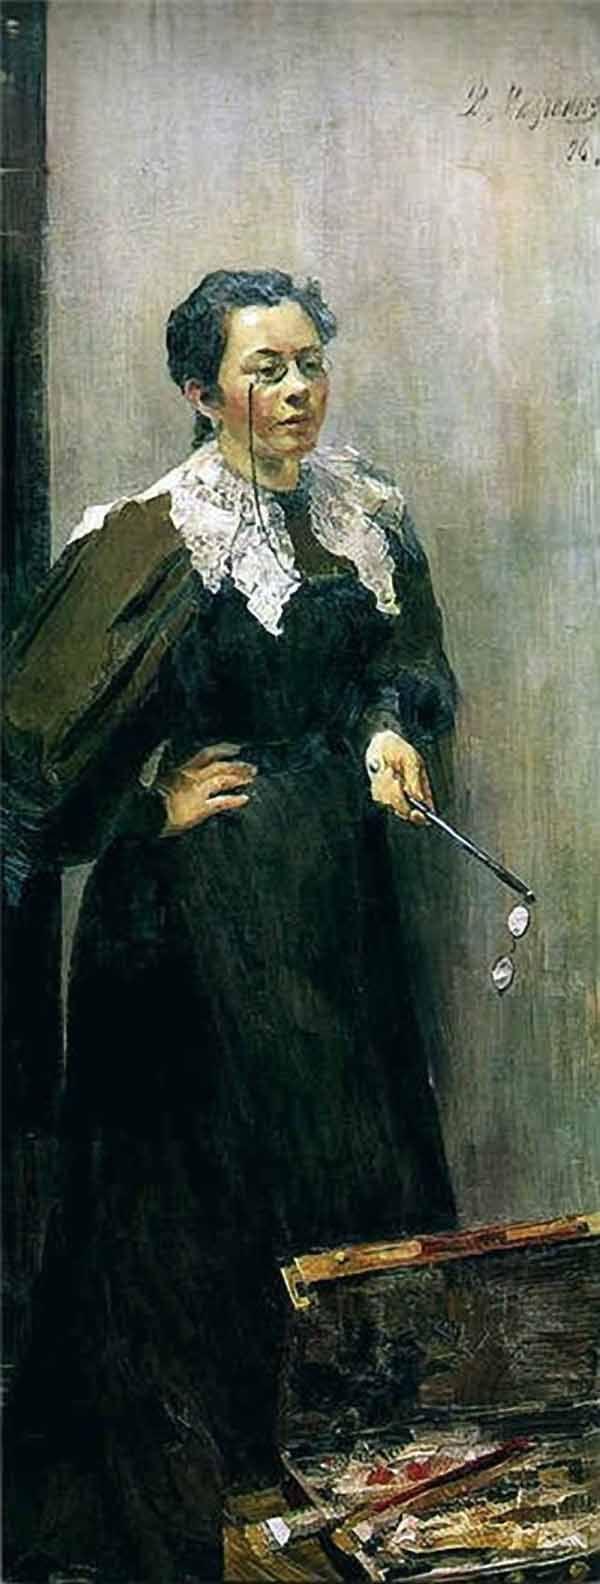 Филипп Малявин. Портрет художницы Анна Остроумовой-Лебедевой. 1896